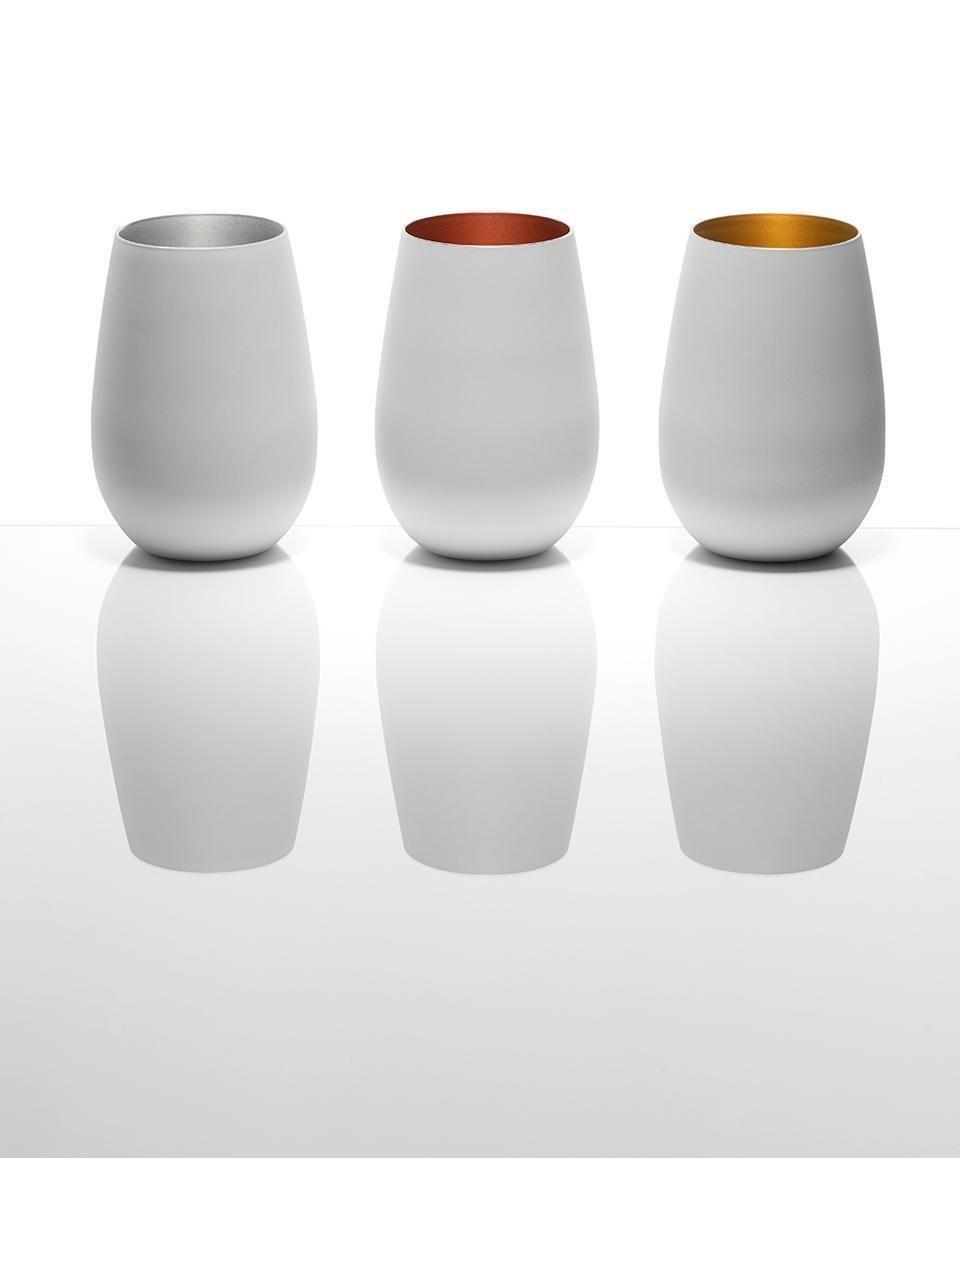 Kryształowa szklanka do koktajli Elements, 6 szt., Szkło kryształowe, powlekane, Biały, odcienie brązowego, Ø 9 x W 12 cm